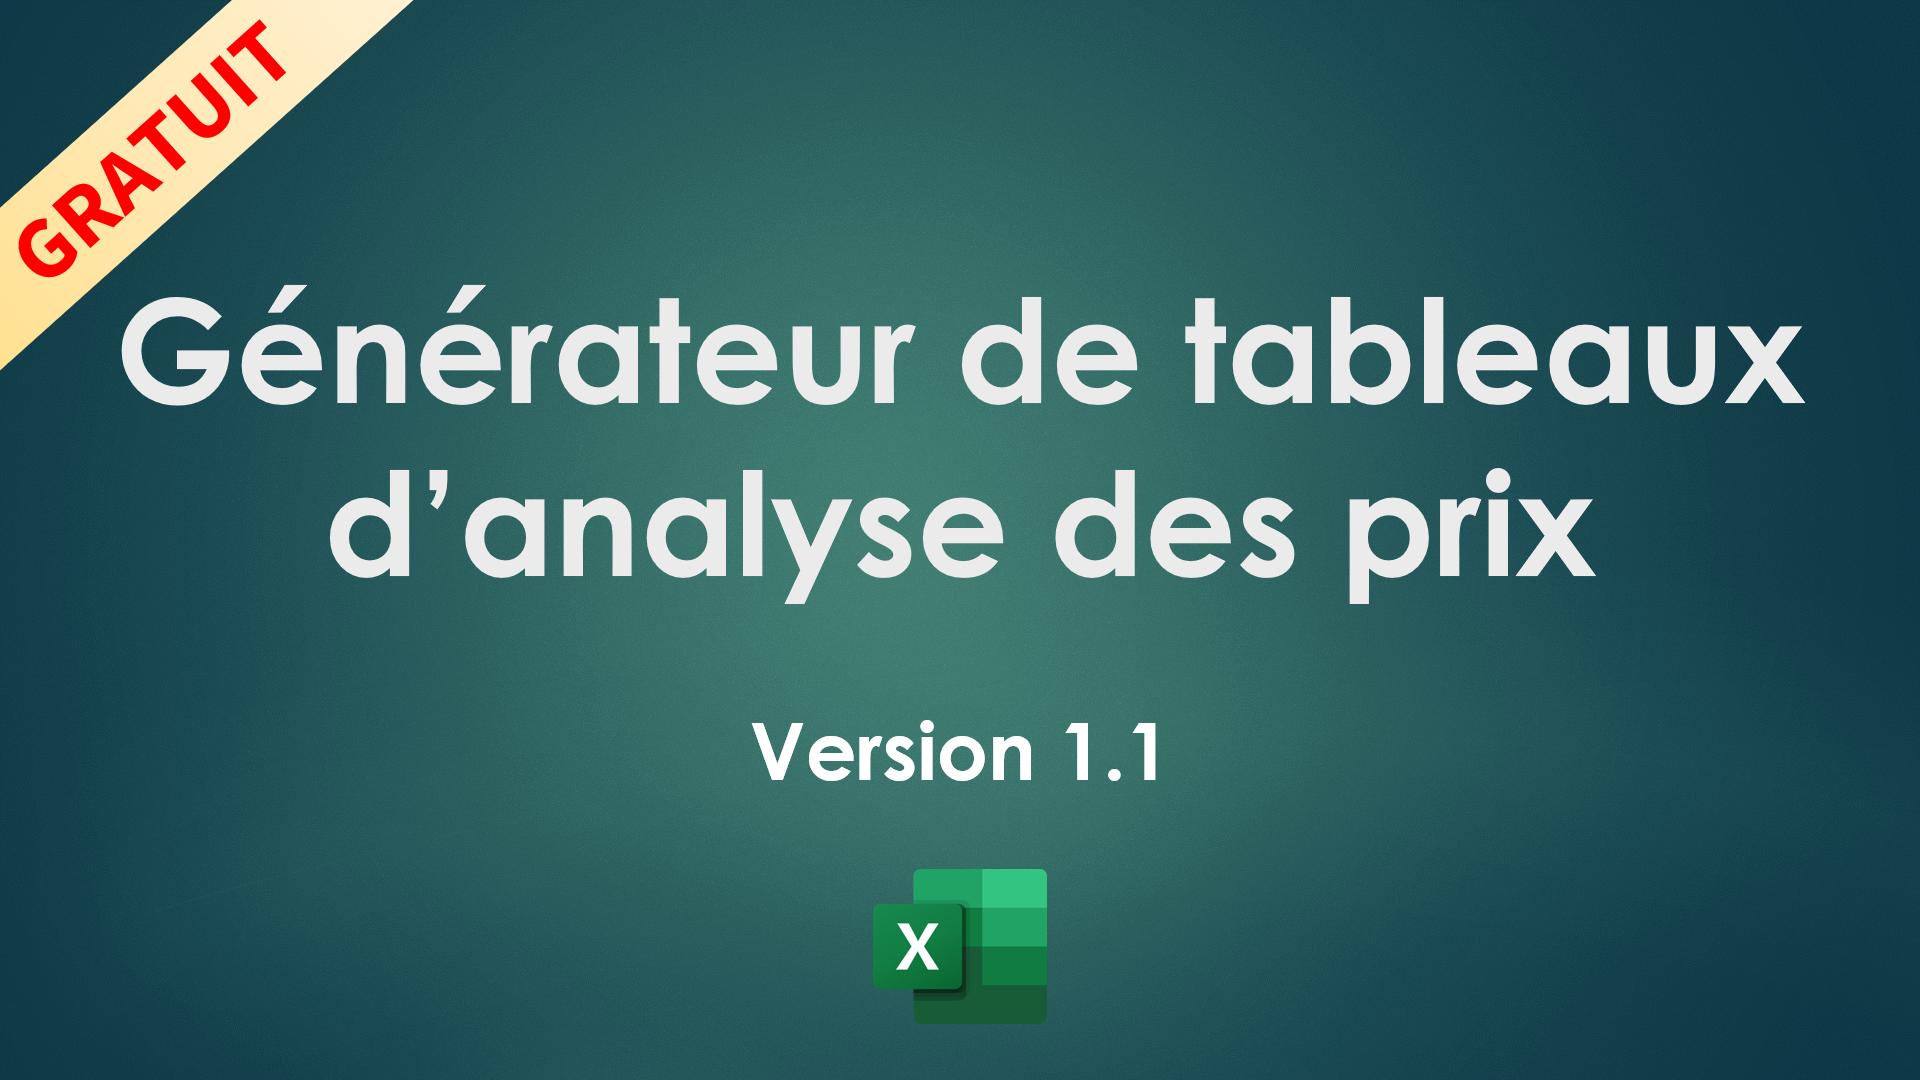 Générateur de tableaux d'analyse des offres v1.1